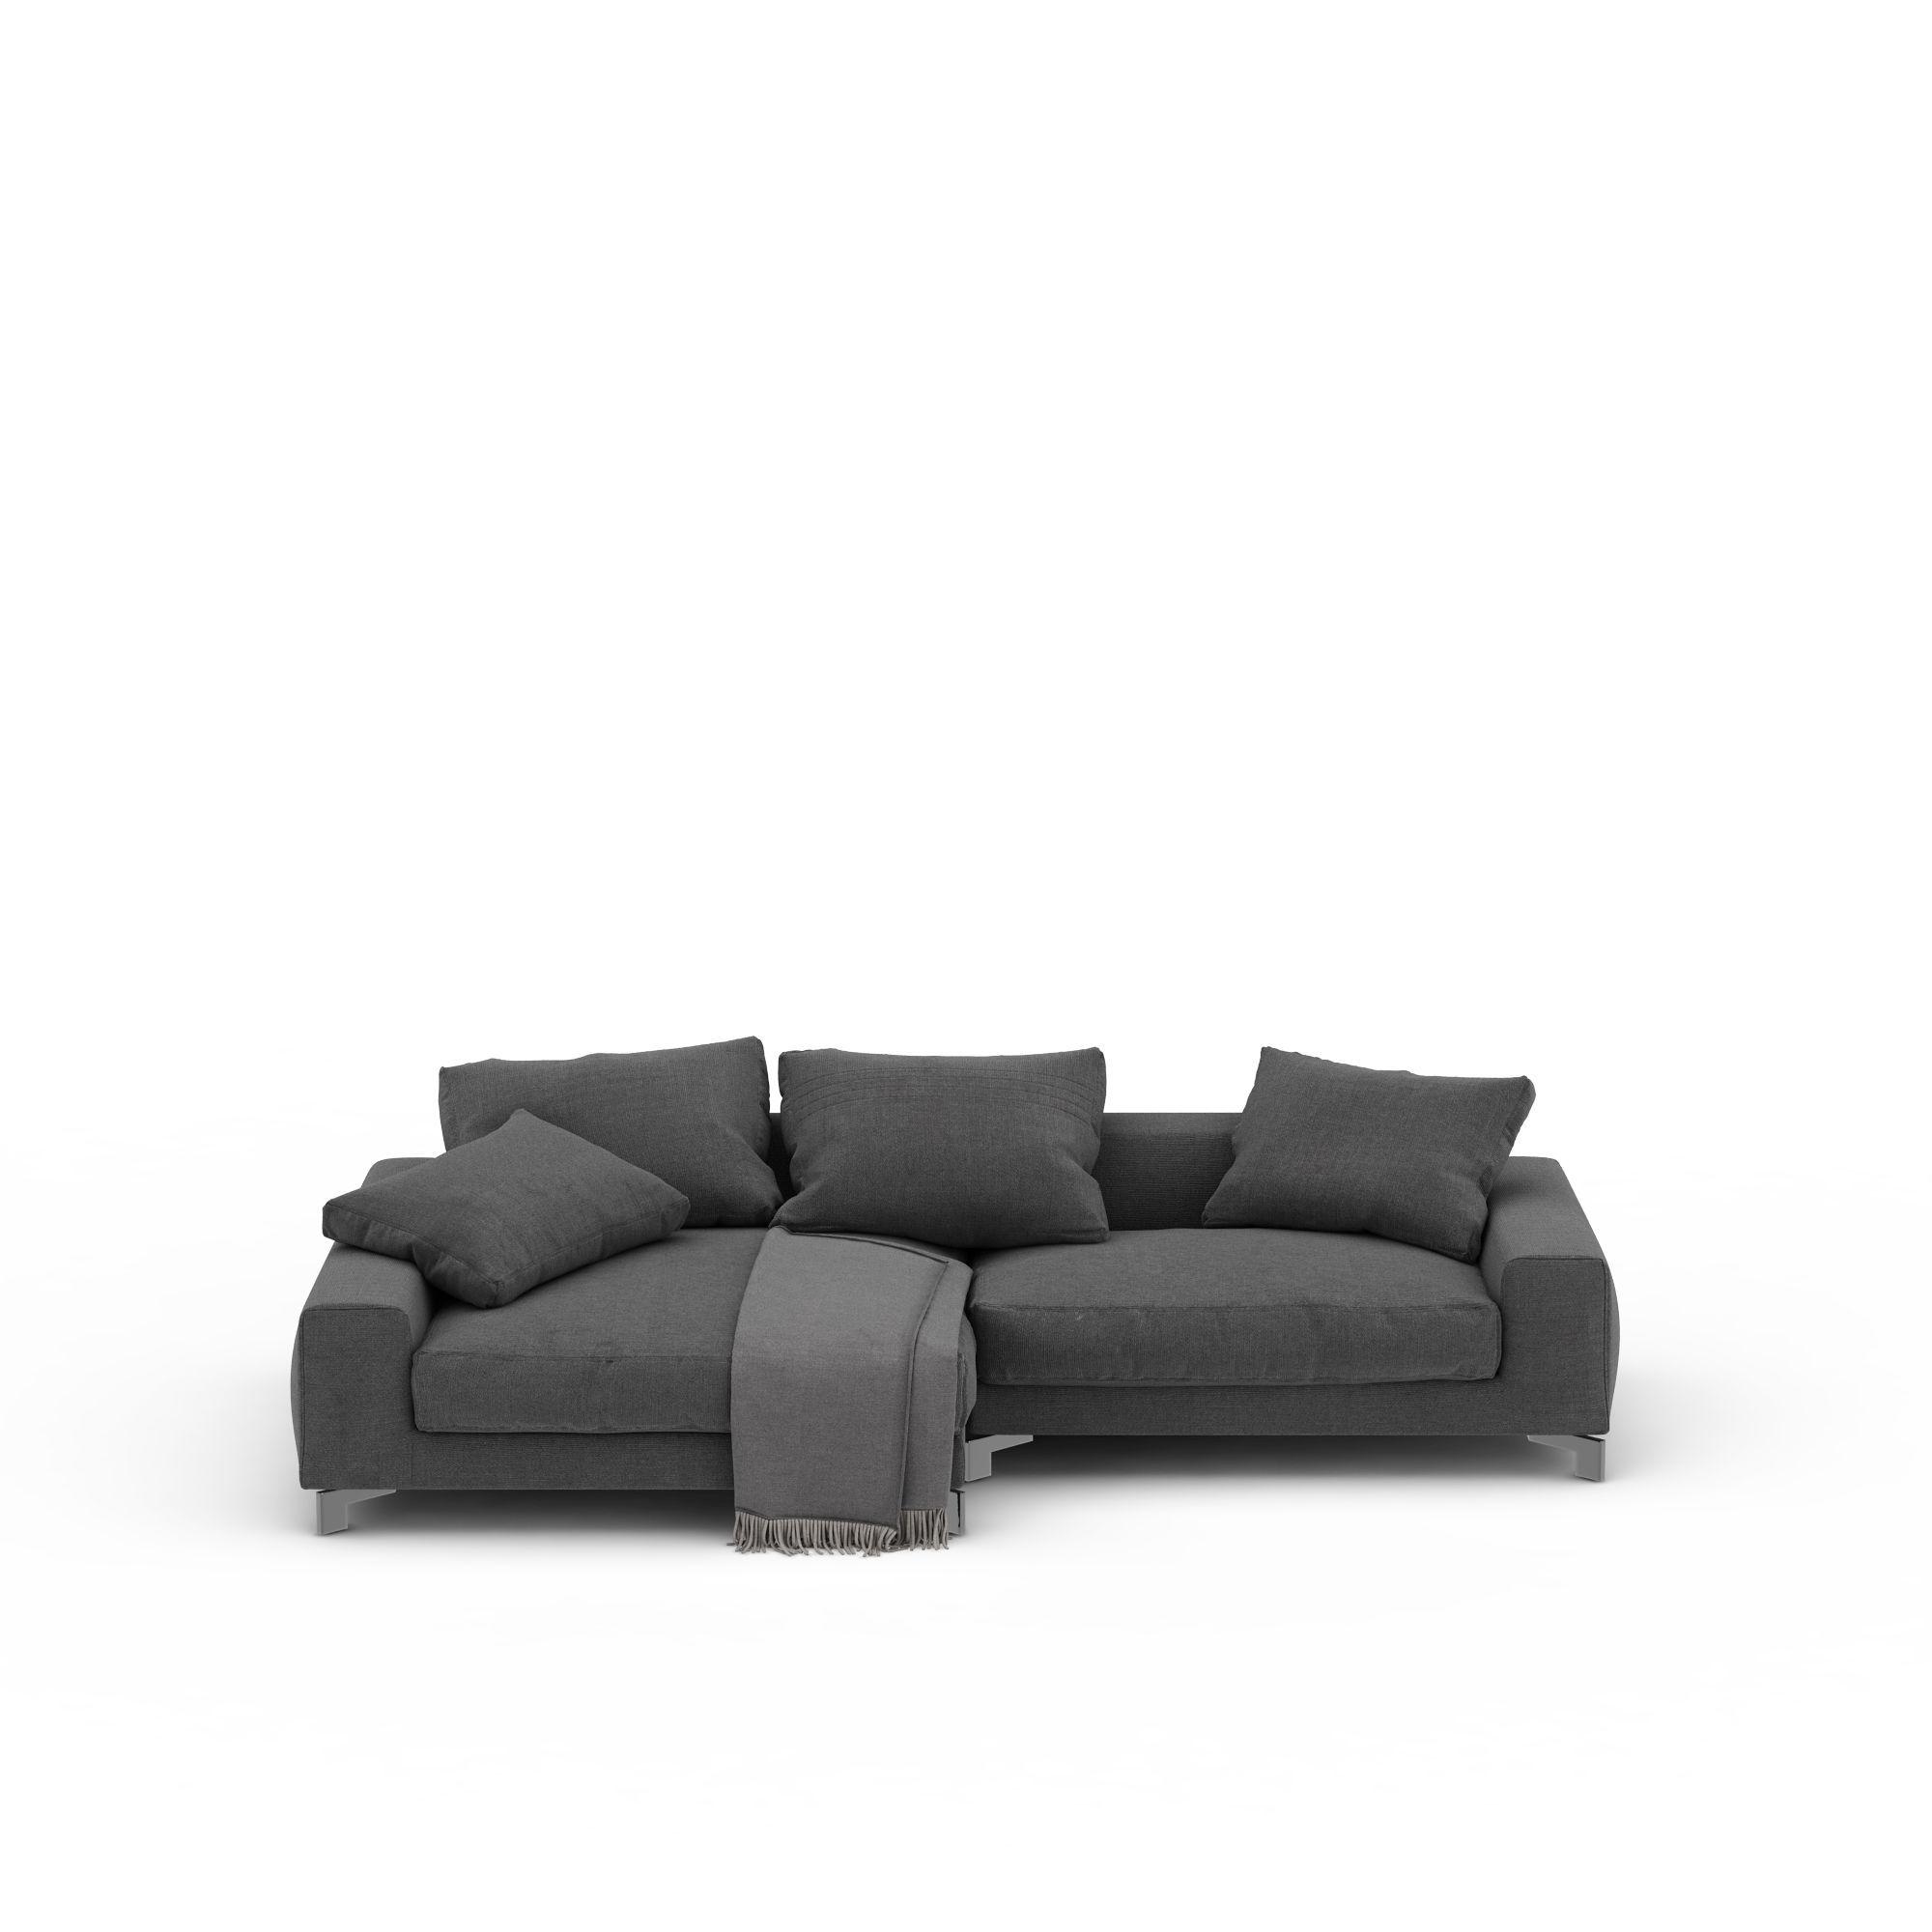 现代客厅沙发图片_现代客厅沙发png图片素材_现代客厅